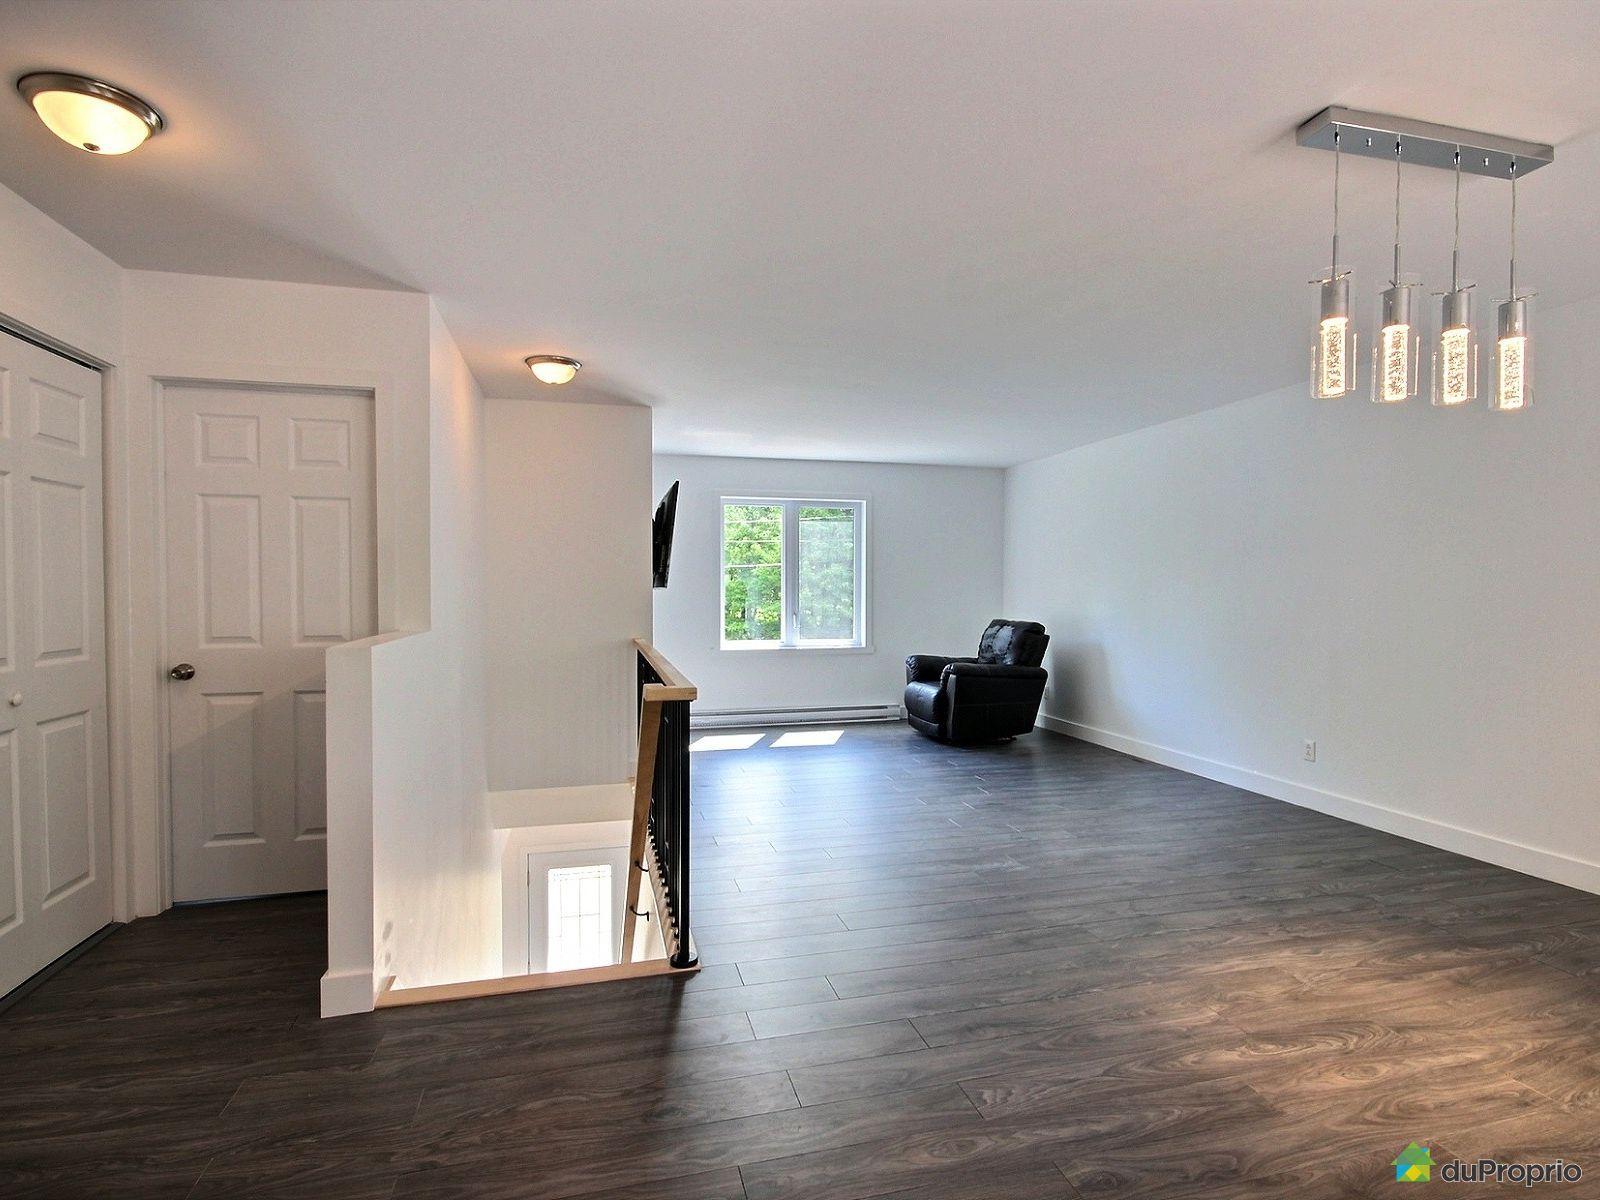 Maison vendre st alphonse de granby 120 rue gilbert immobilier qu bec d - Maison a vendre a spa ...